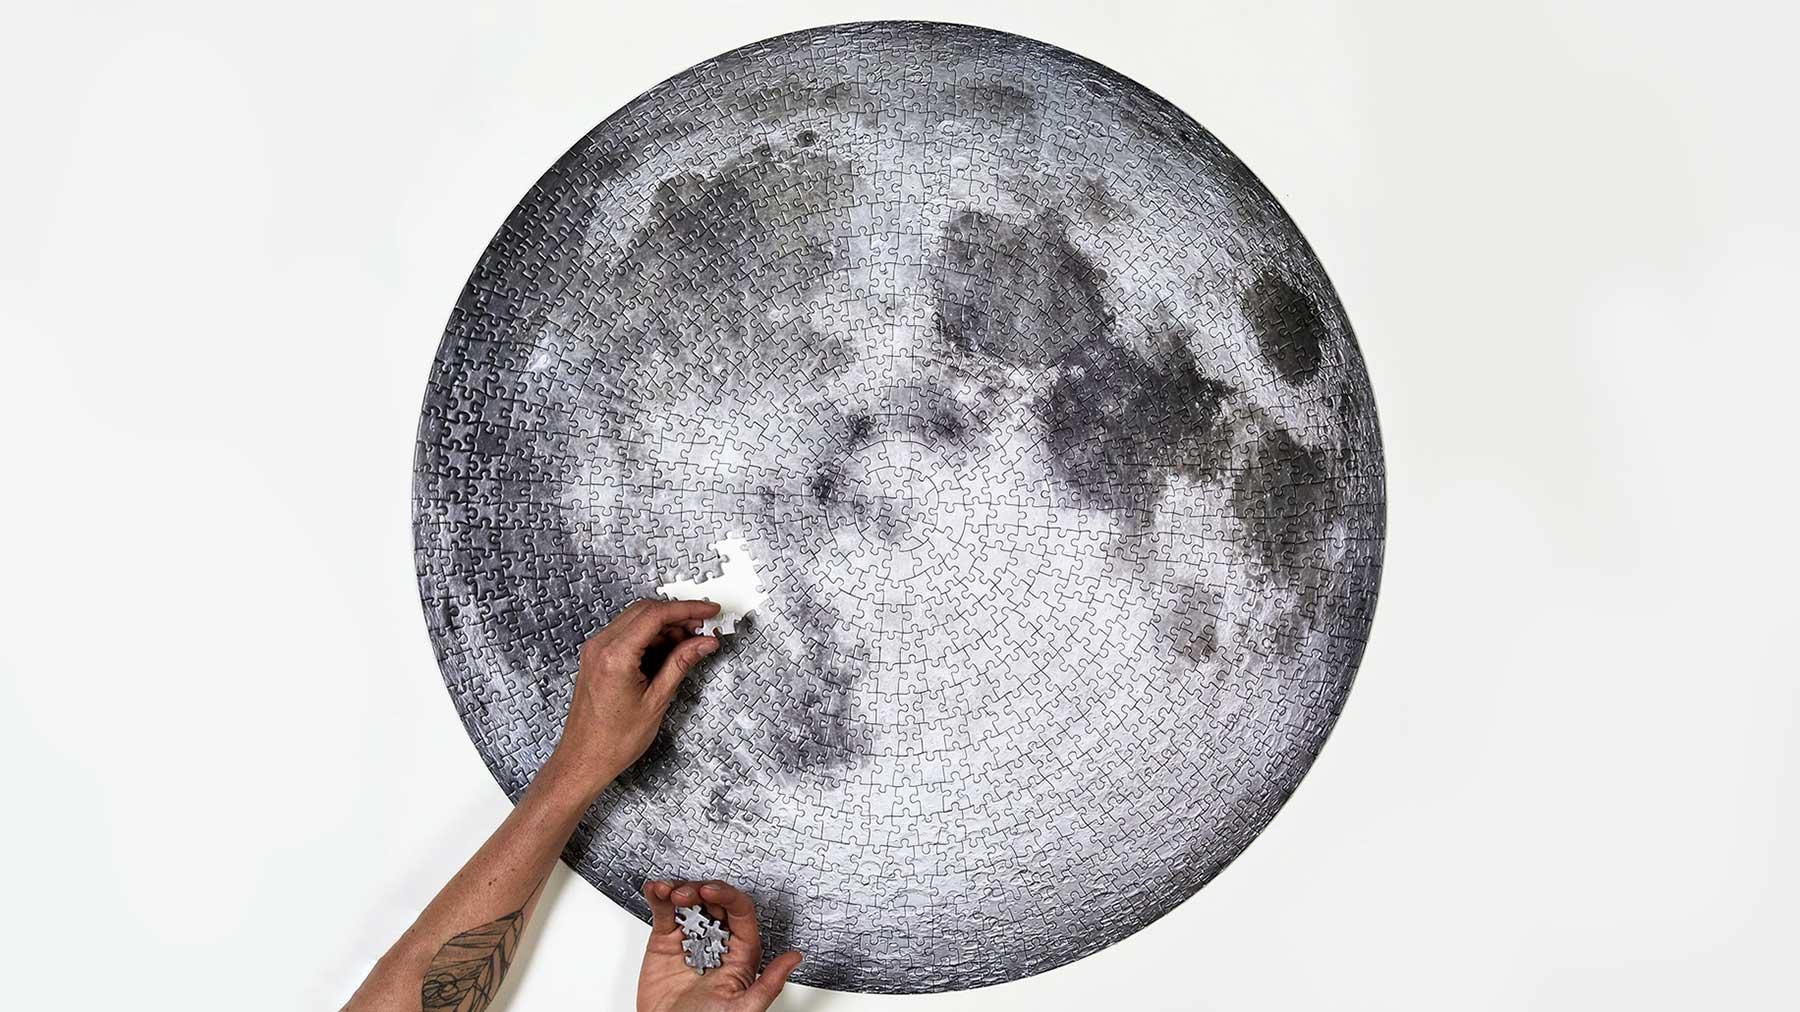 Mond-Puzzle & -Pinnwand mondpuzzle_01